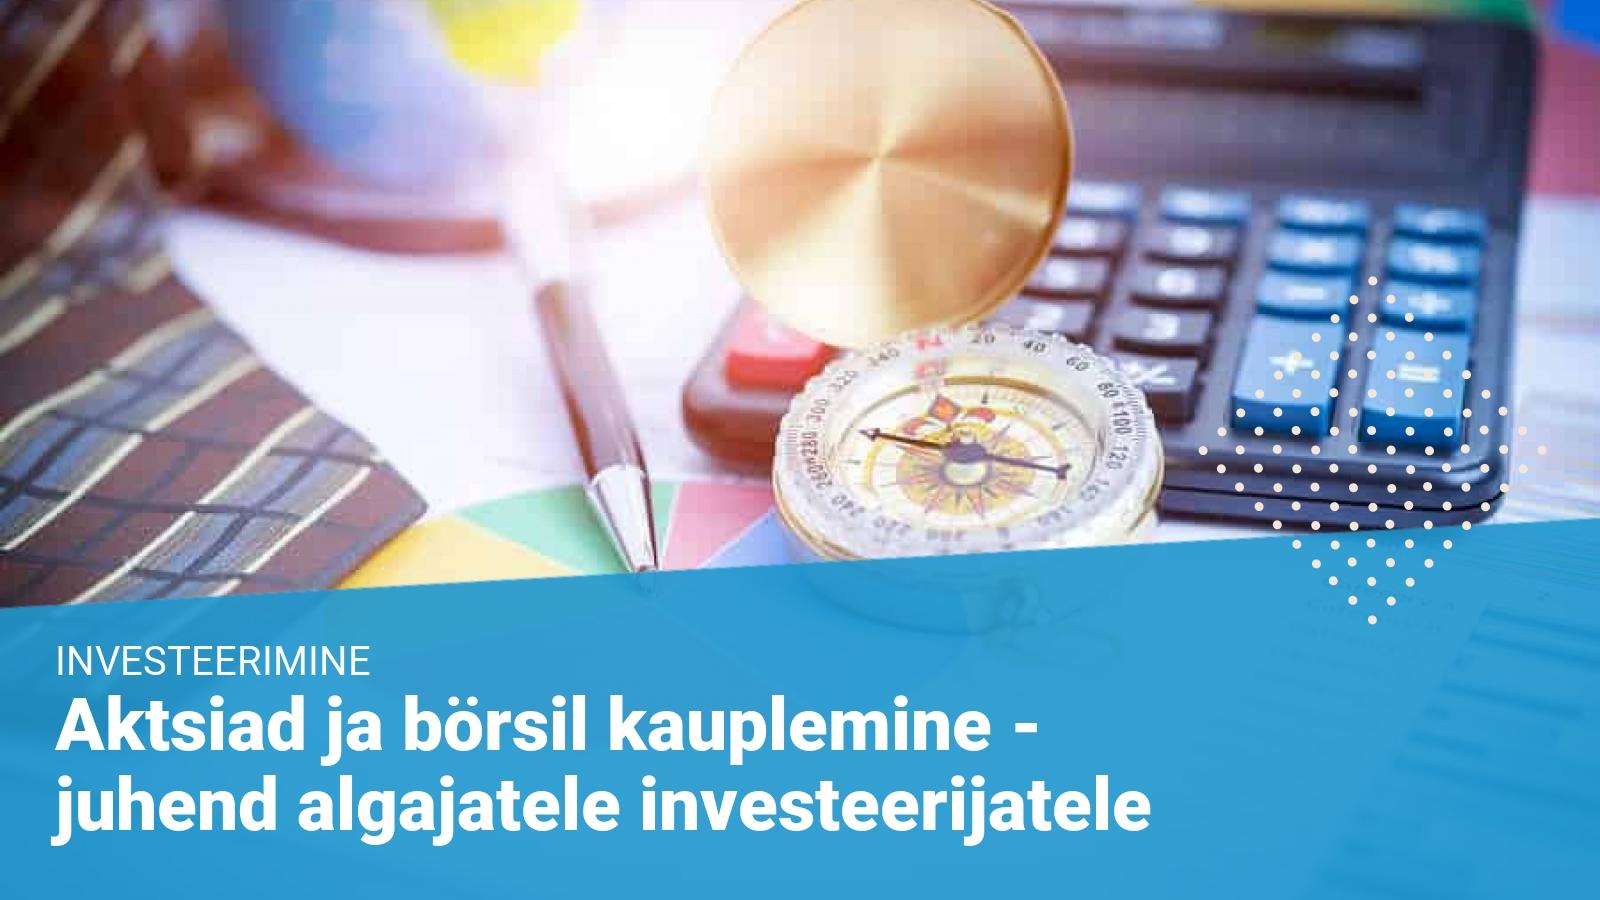 aktsiad, aktsiaturg ning börsil kauplemine